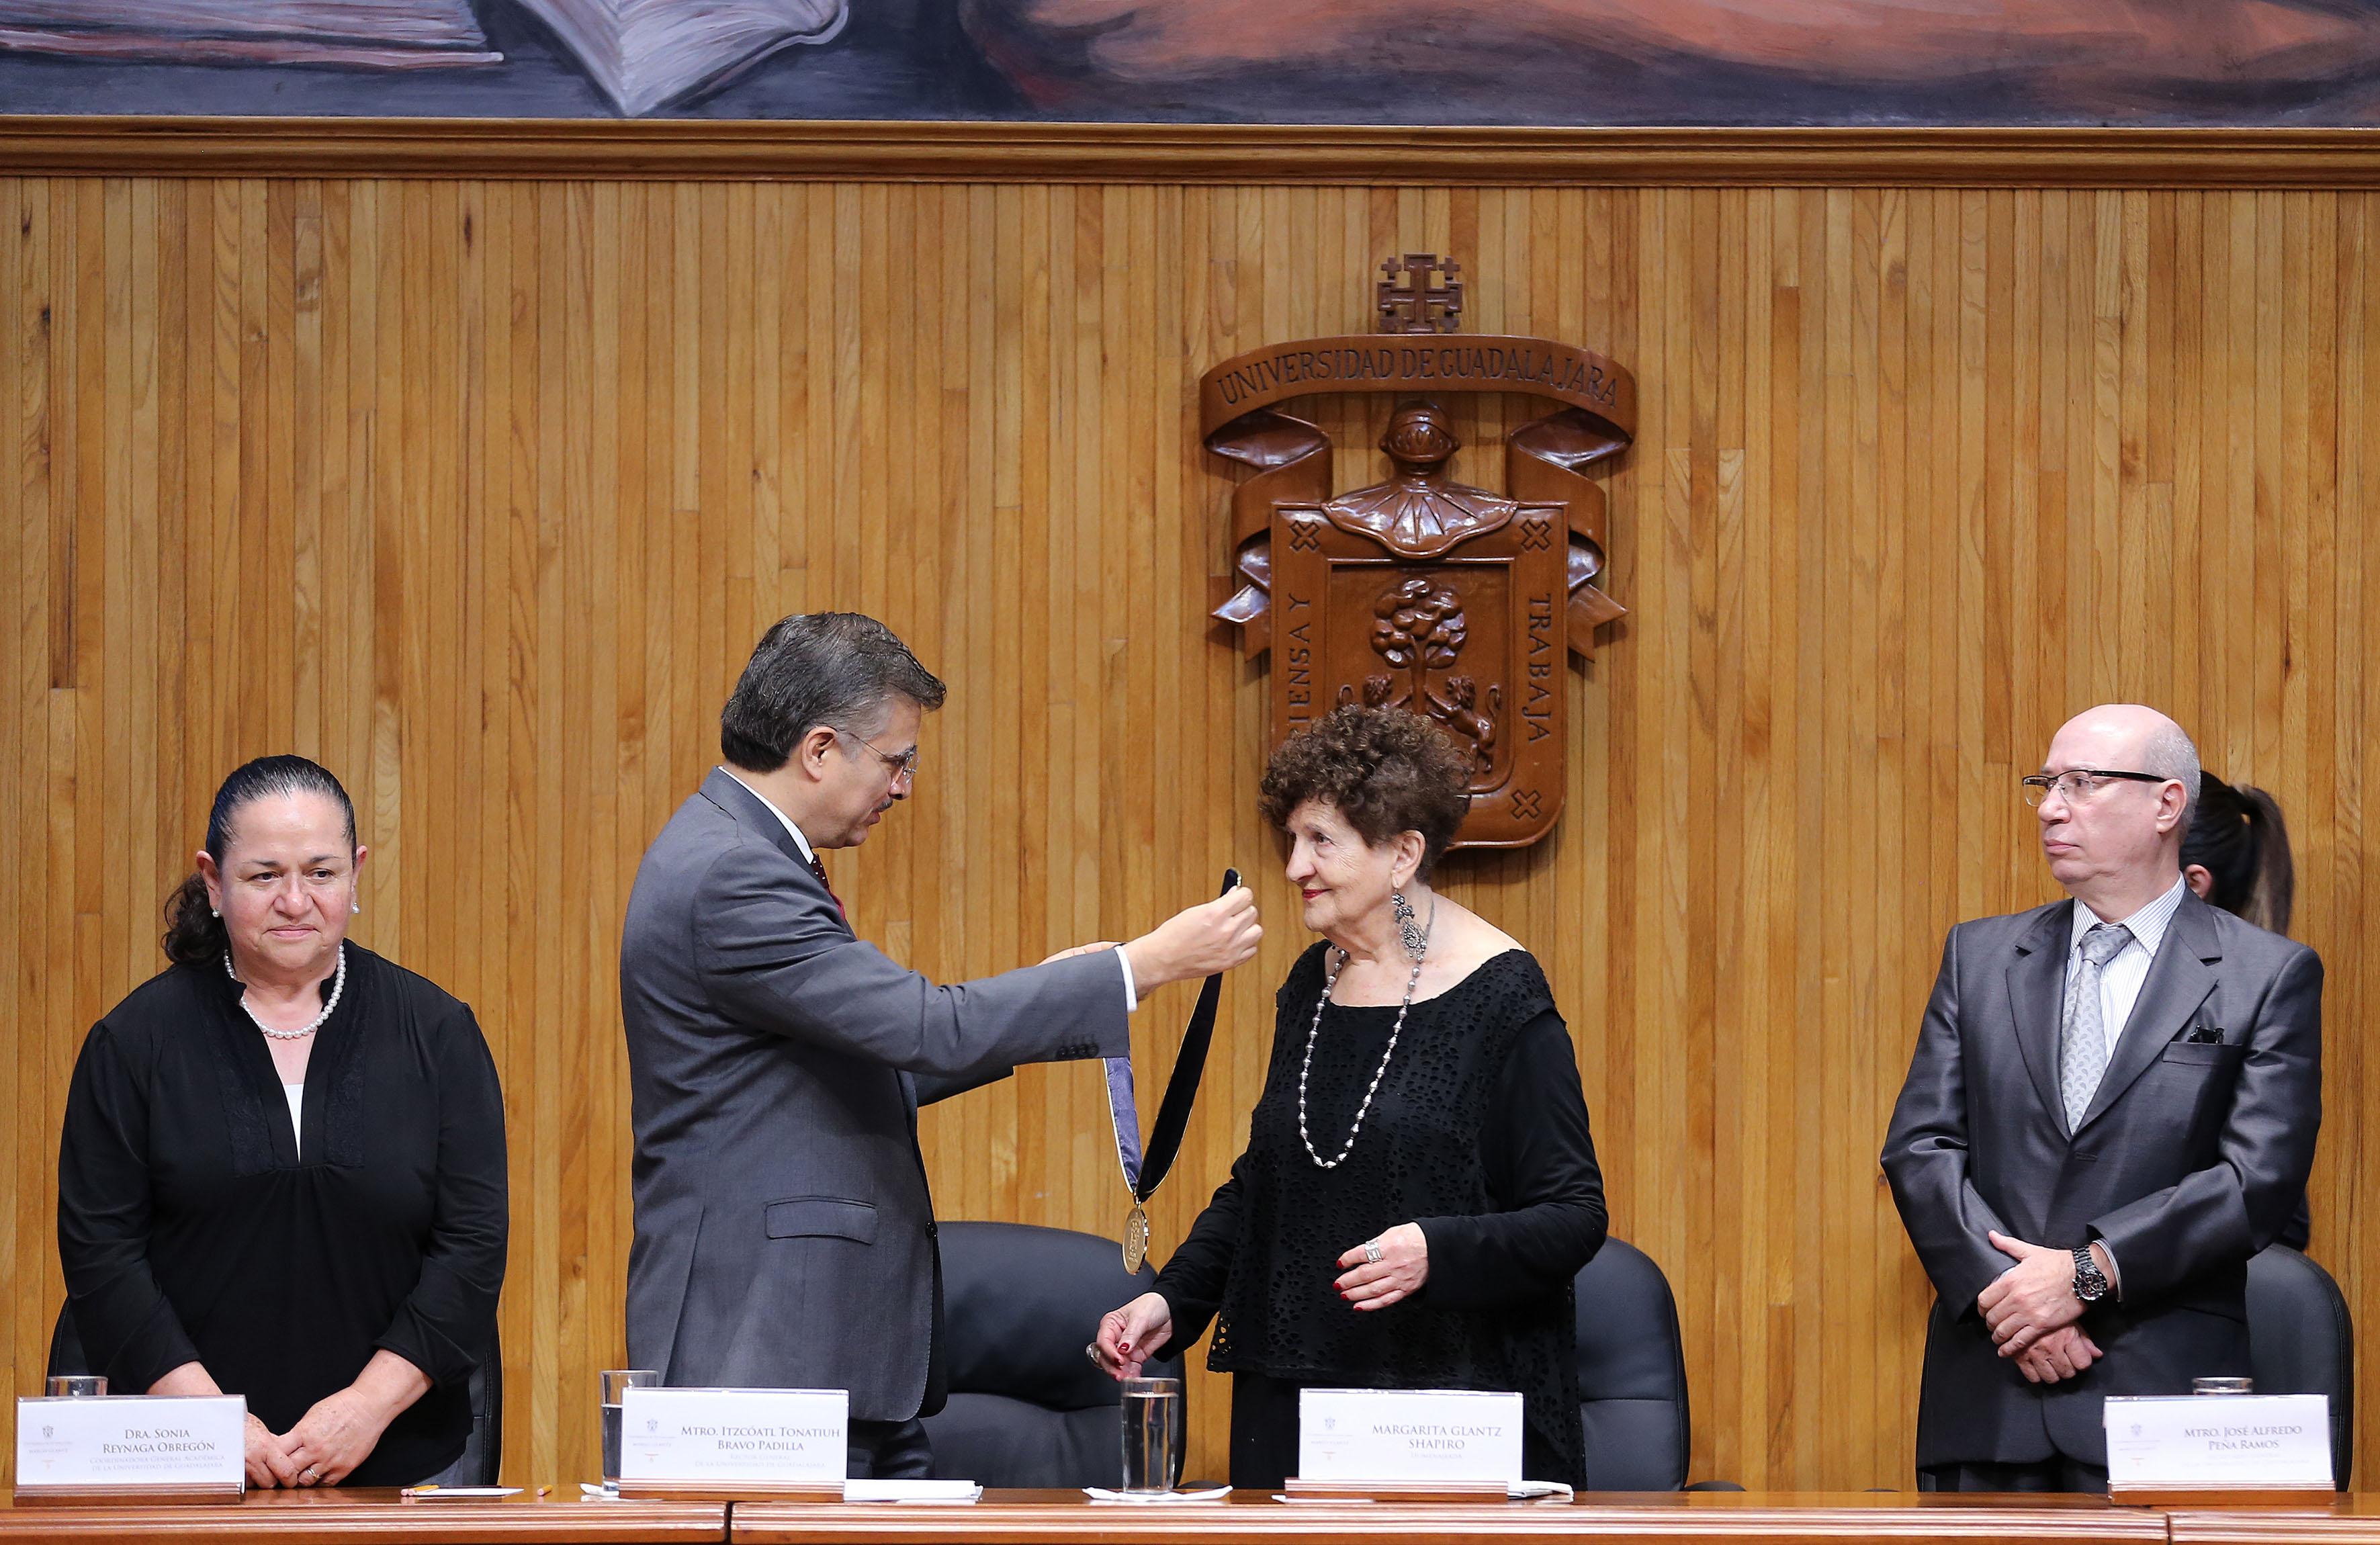 Rector General de la Universidad de Guadalajara, maestro Itzcóatl Tonatiuh Bravo Padilla, haciendo entrega de Medalla a la escritora Margo Glantz